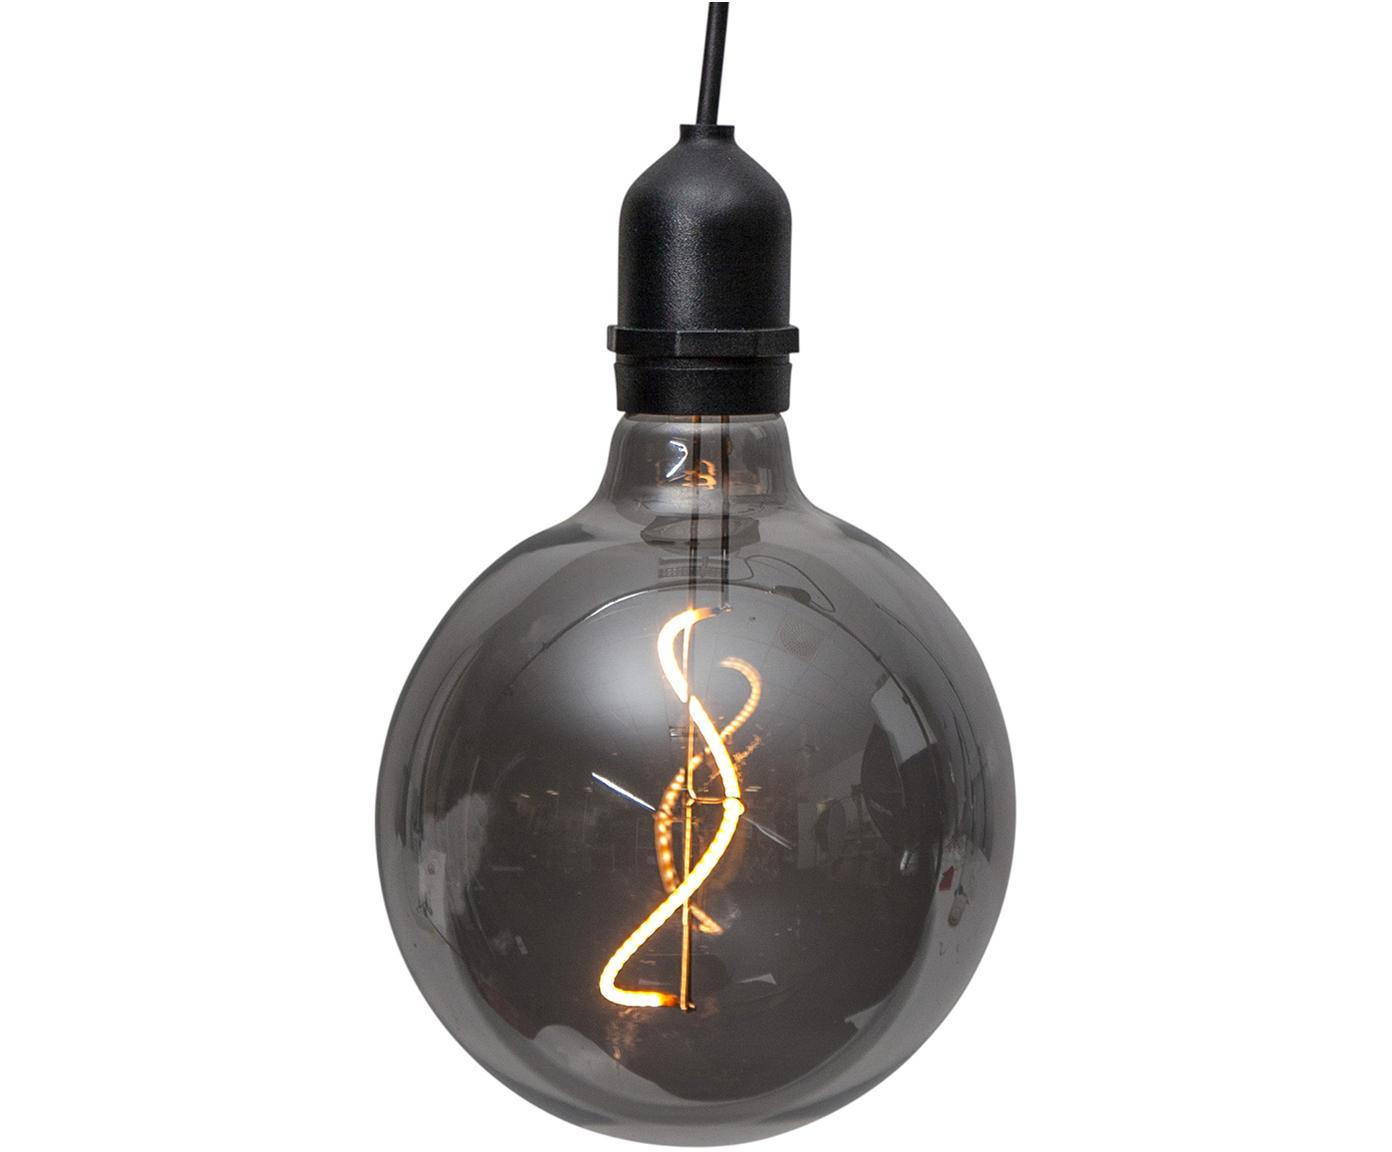 Lámpara LED para exterior Bowl, Pantalla: vidrio, Cable: plástico, Gris oscuro, transparente, negro, Ø 13x Al 18 cm